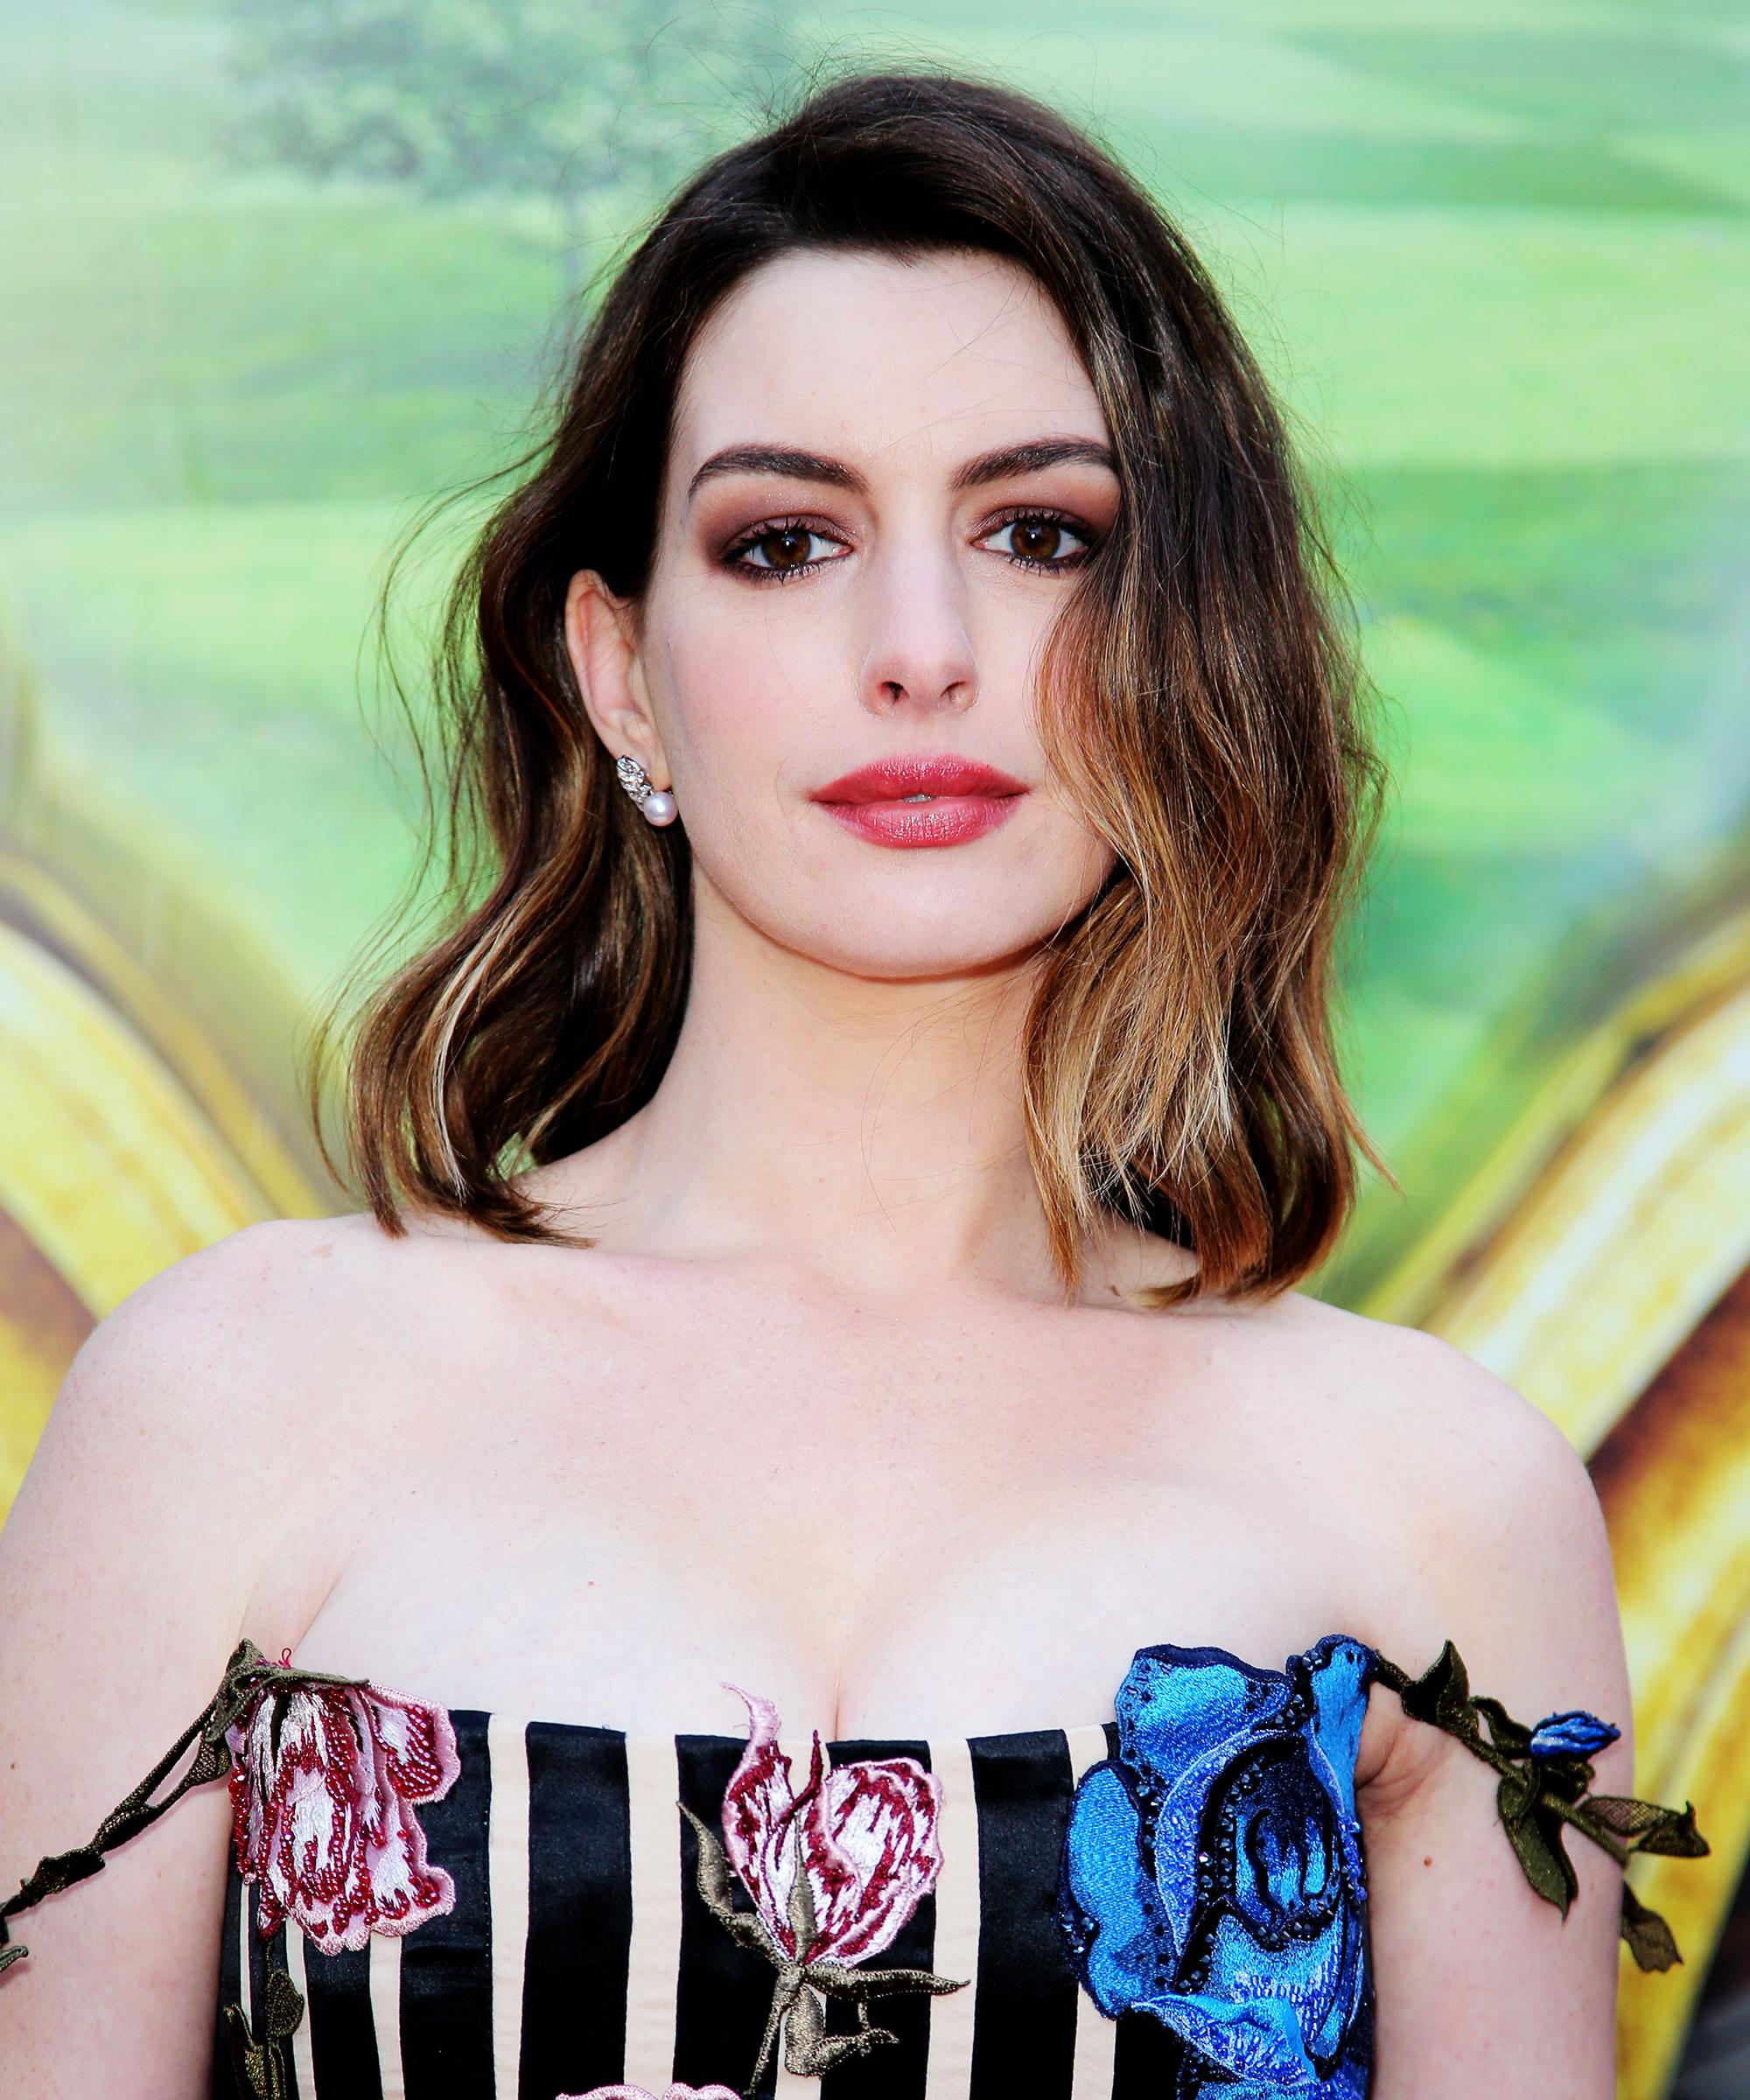 Anne Hathaway One Day Director Internalized Misogyny